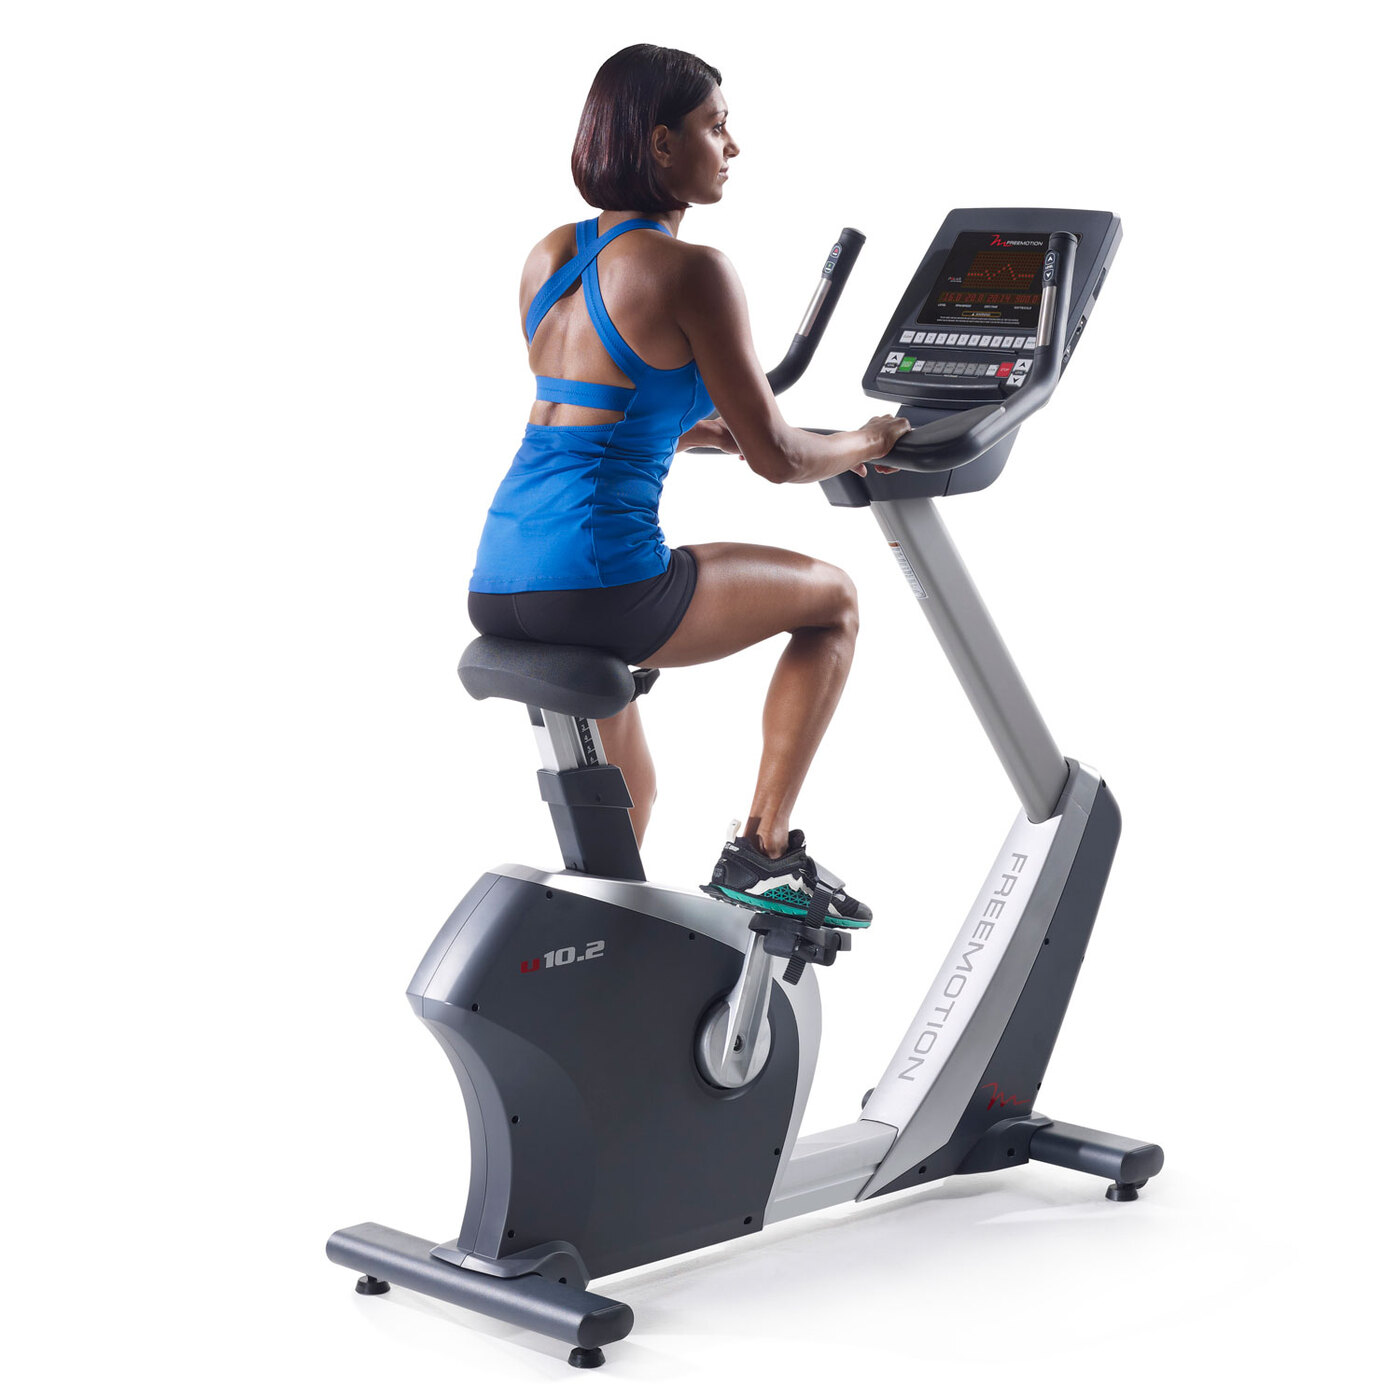 Эффективность Похудения С Велотренажером. Поможет ли велотренажер для похудения (и как правильно заниматься)